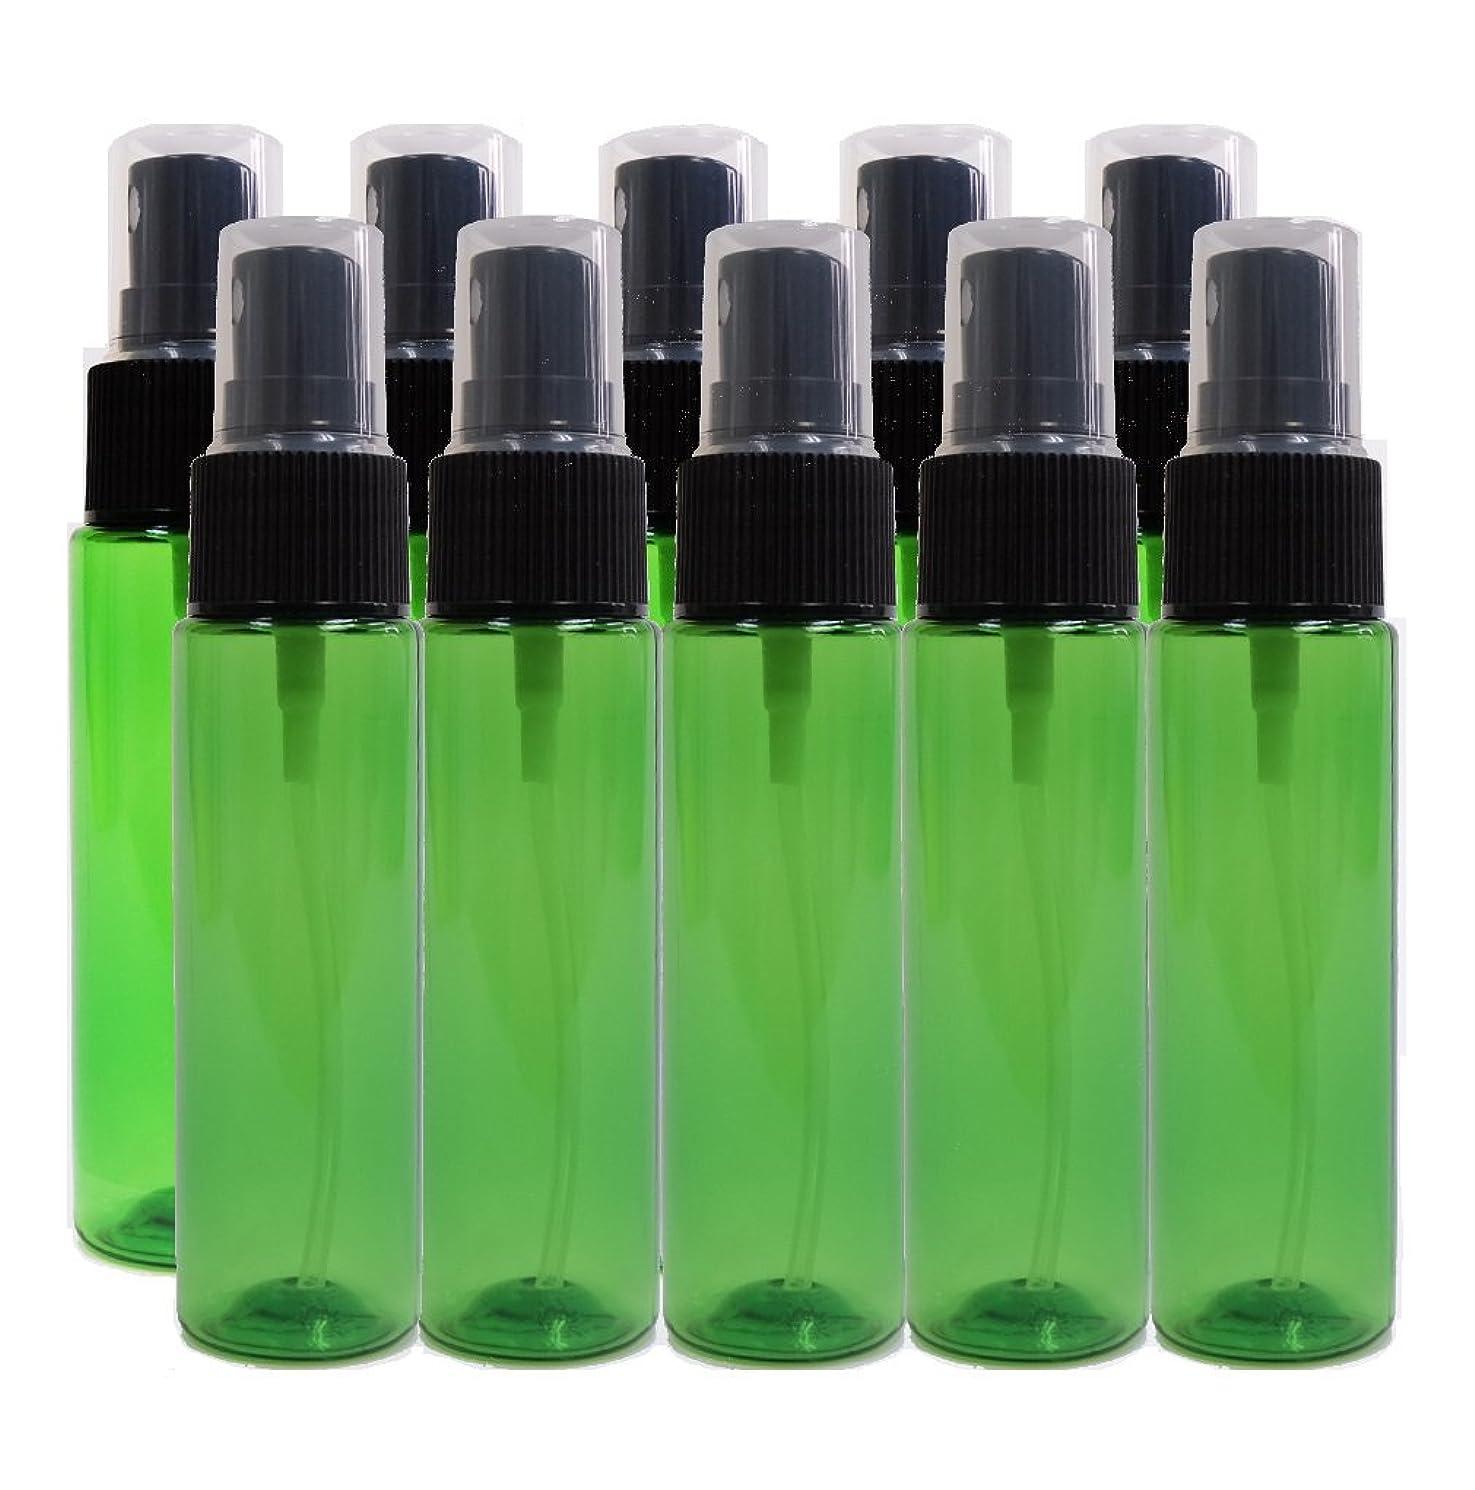 シミュレートする共和国服を片付けるease 保存容器 スプレータイプ プラスチック 緑色 30ml×10本